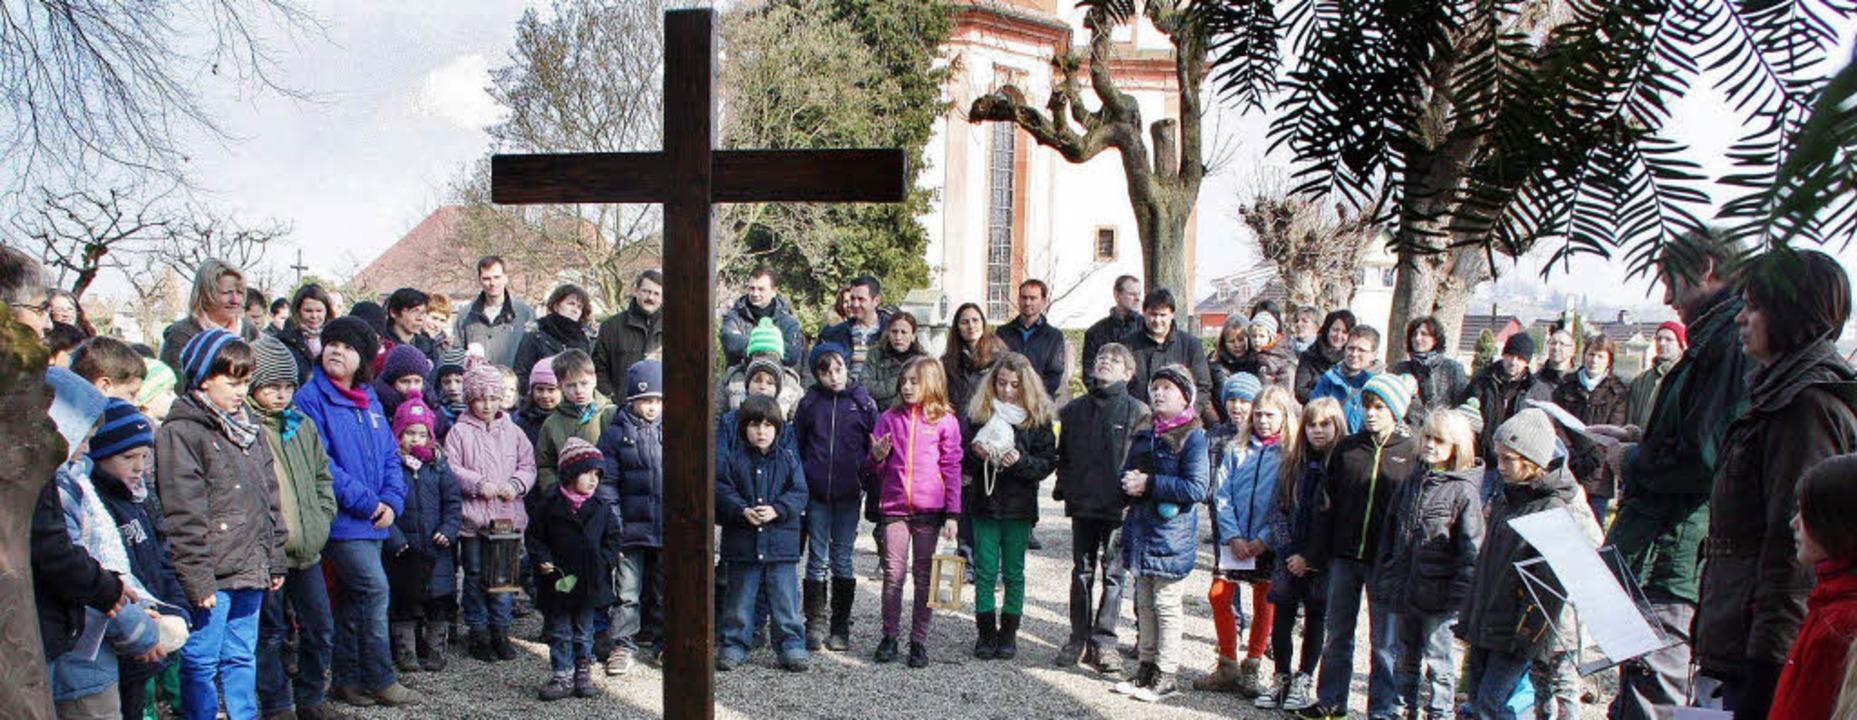 Mehr als  60 Kinder und ihre Eltern na...nen die Leidensgeschichte Jesu hörten.  | Foto: Herbert Birkle